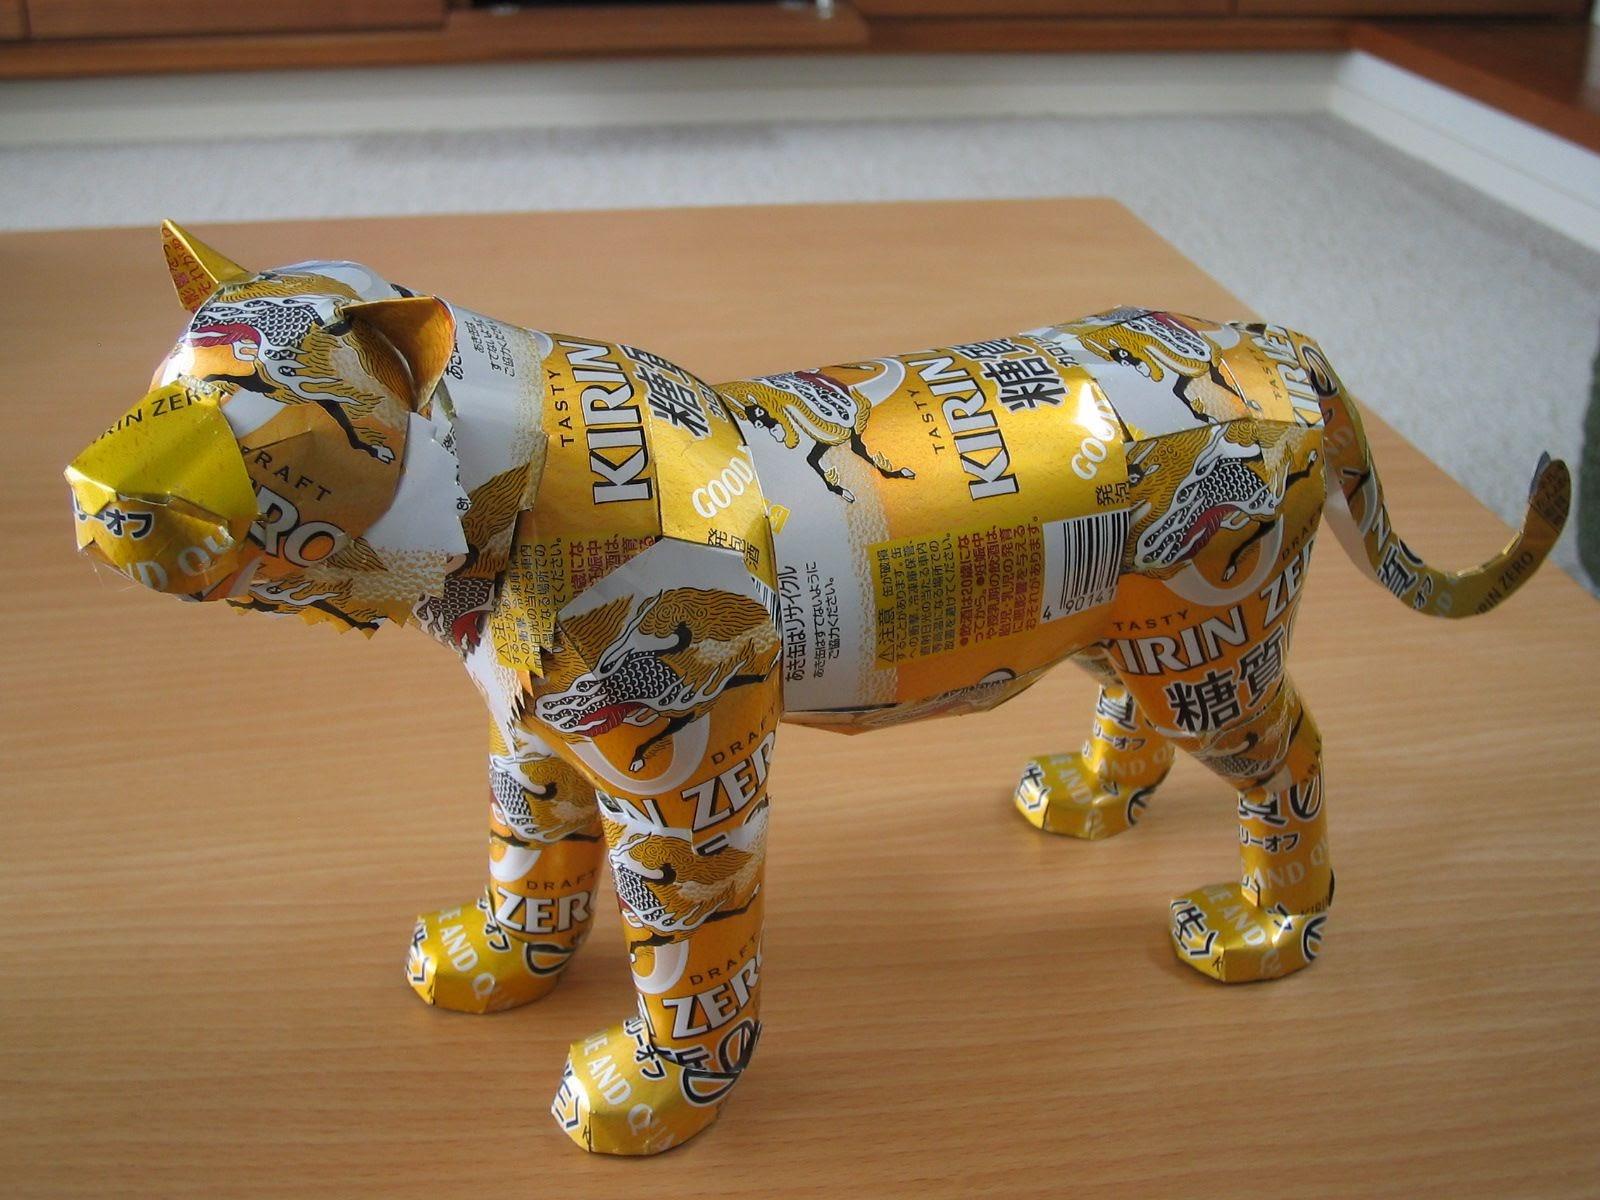 Latas recicladas, cómo hacer esculturas - Animales 21